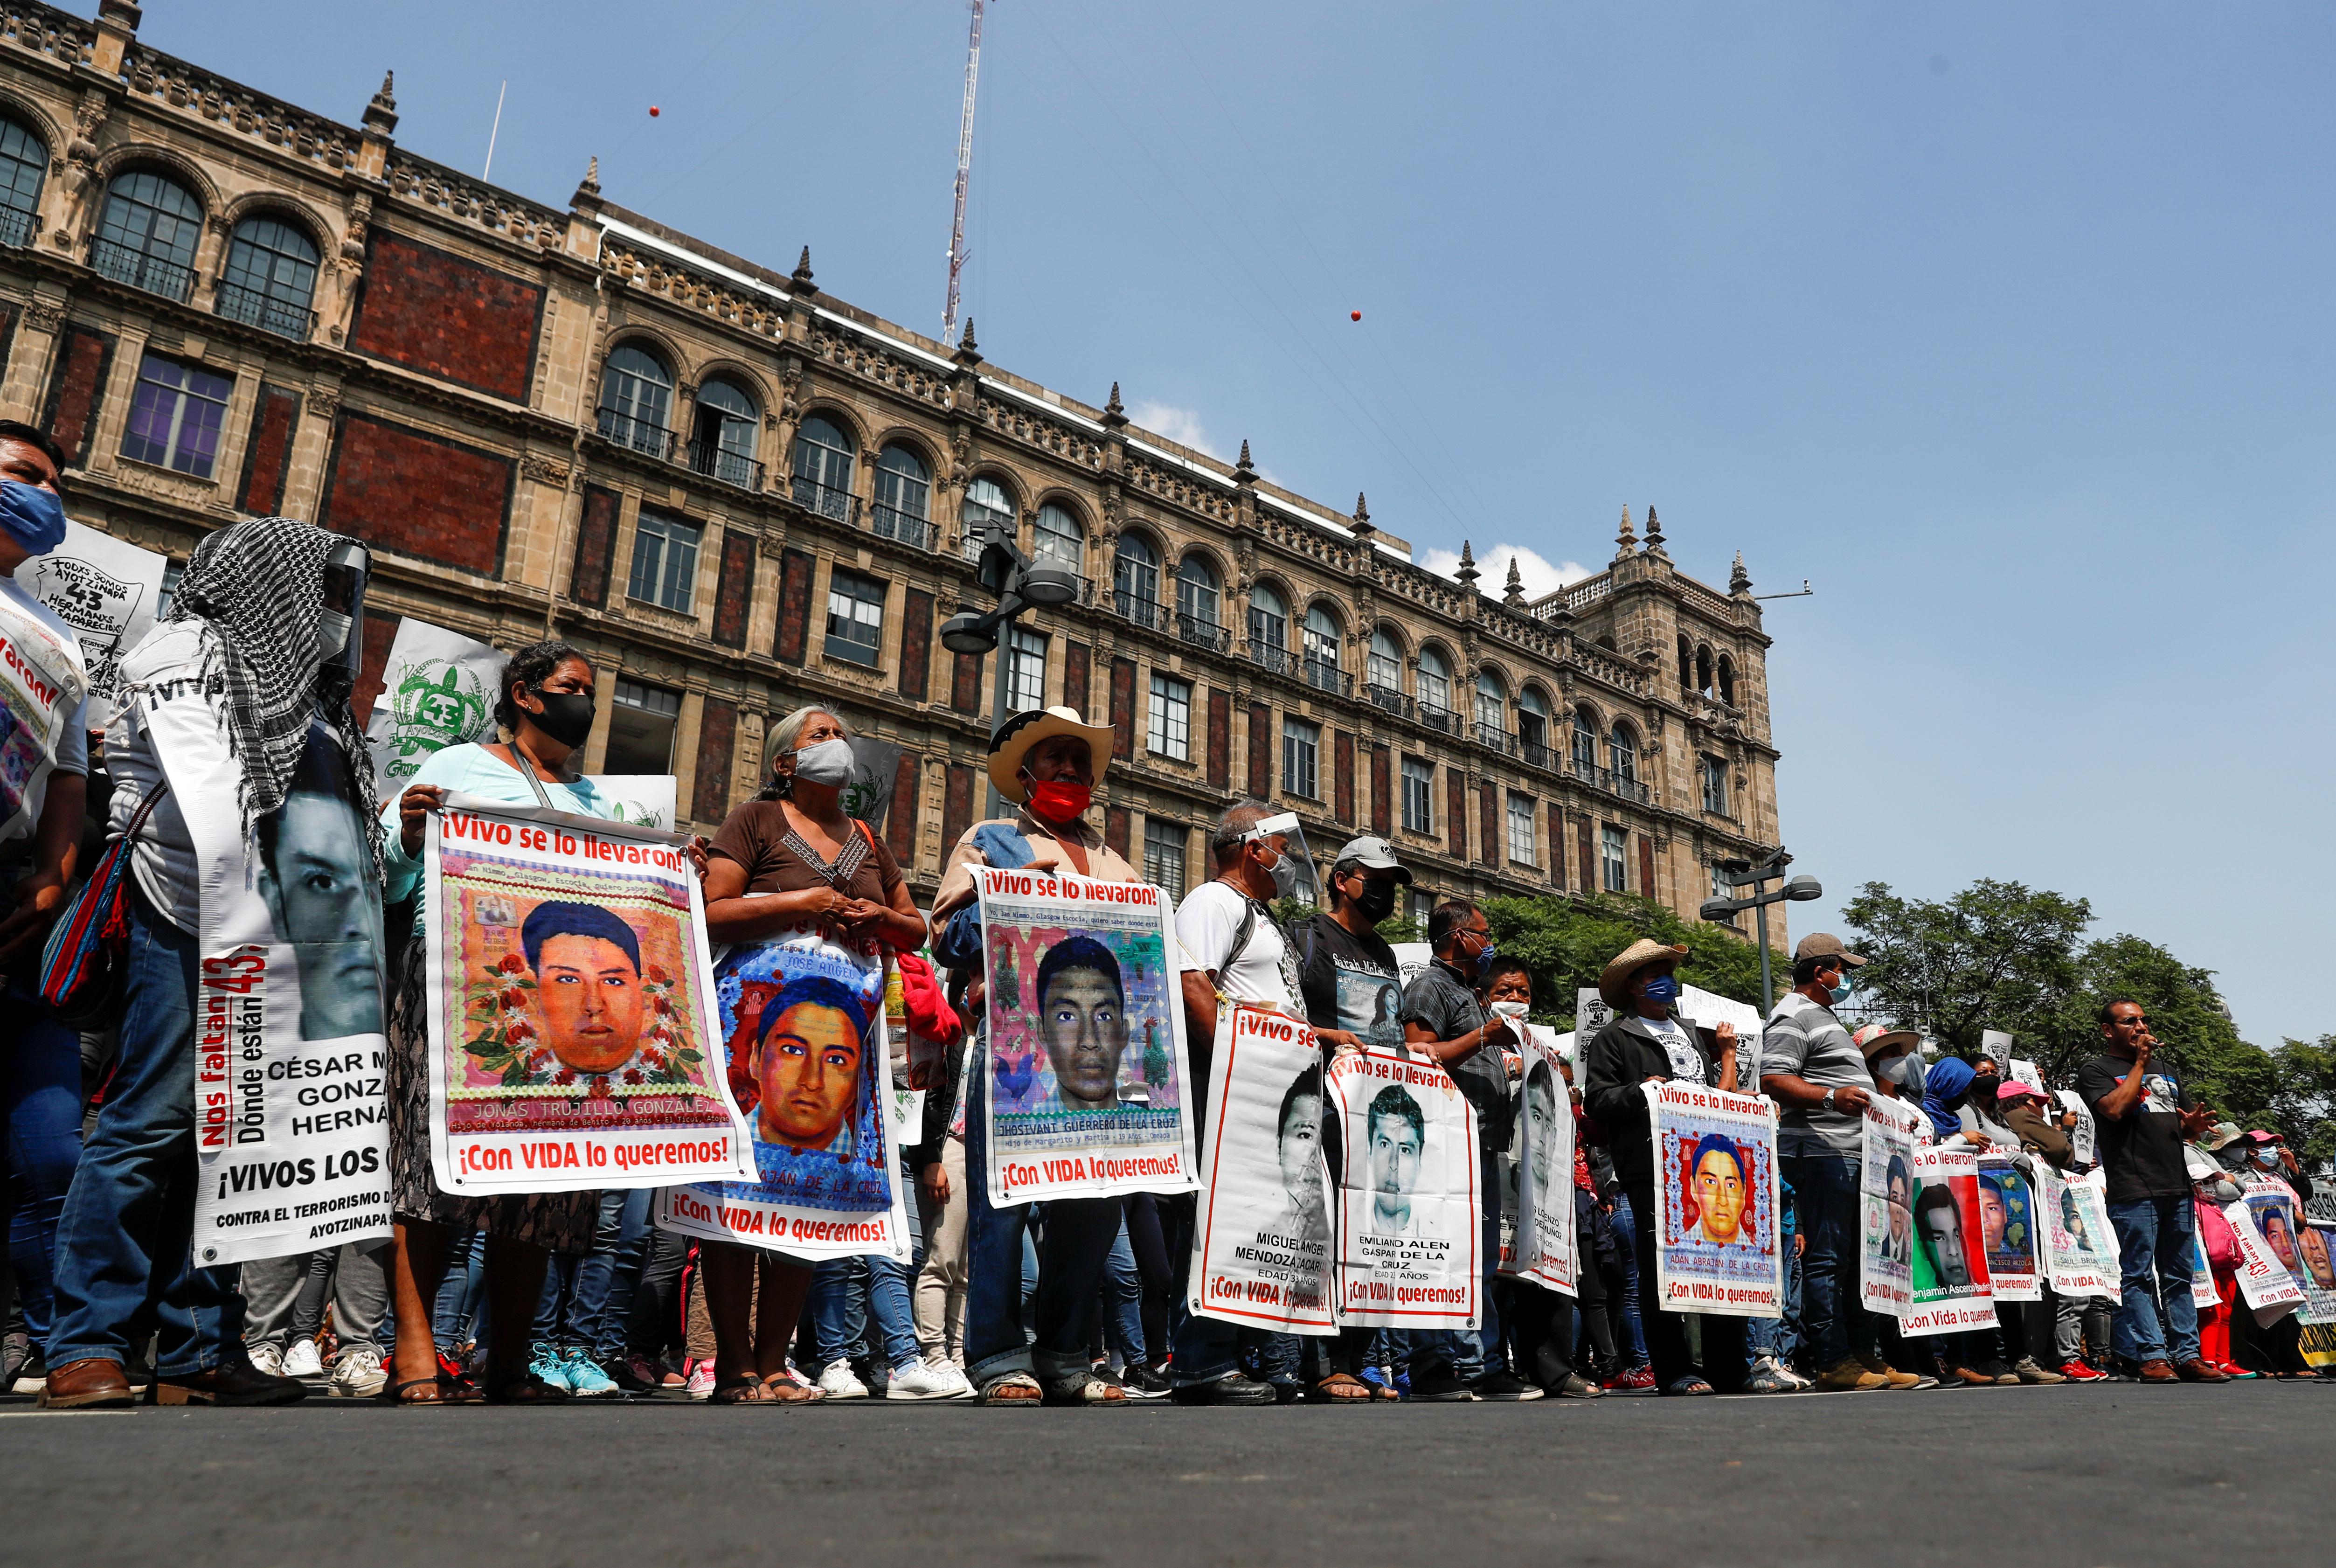 Familiares de estudiantes desaparecidos sostienen carteles con sus imágenes durante una protesta frente a la Corte Suprema de Justicia, antes del sexto aniversario de la desaparición de 43 estudiantes de la Escuela Normal Rural de Ayotzinapa, en la Ciudad de México, México 23 de septiembre de 2020.